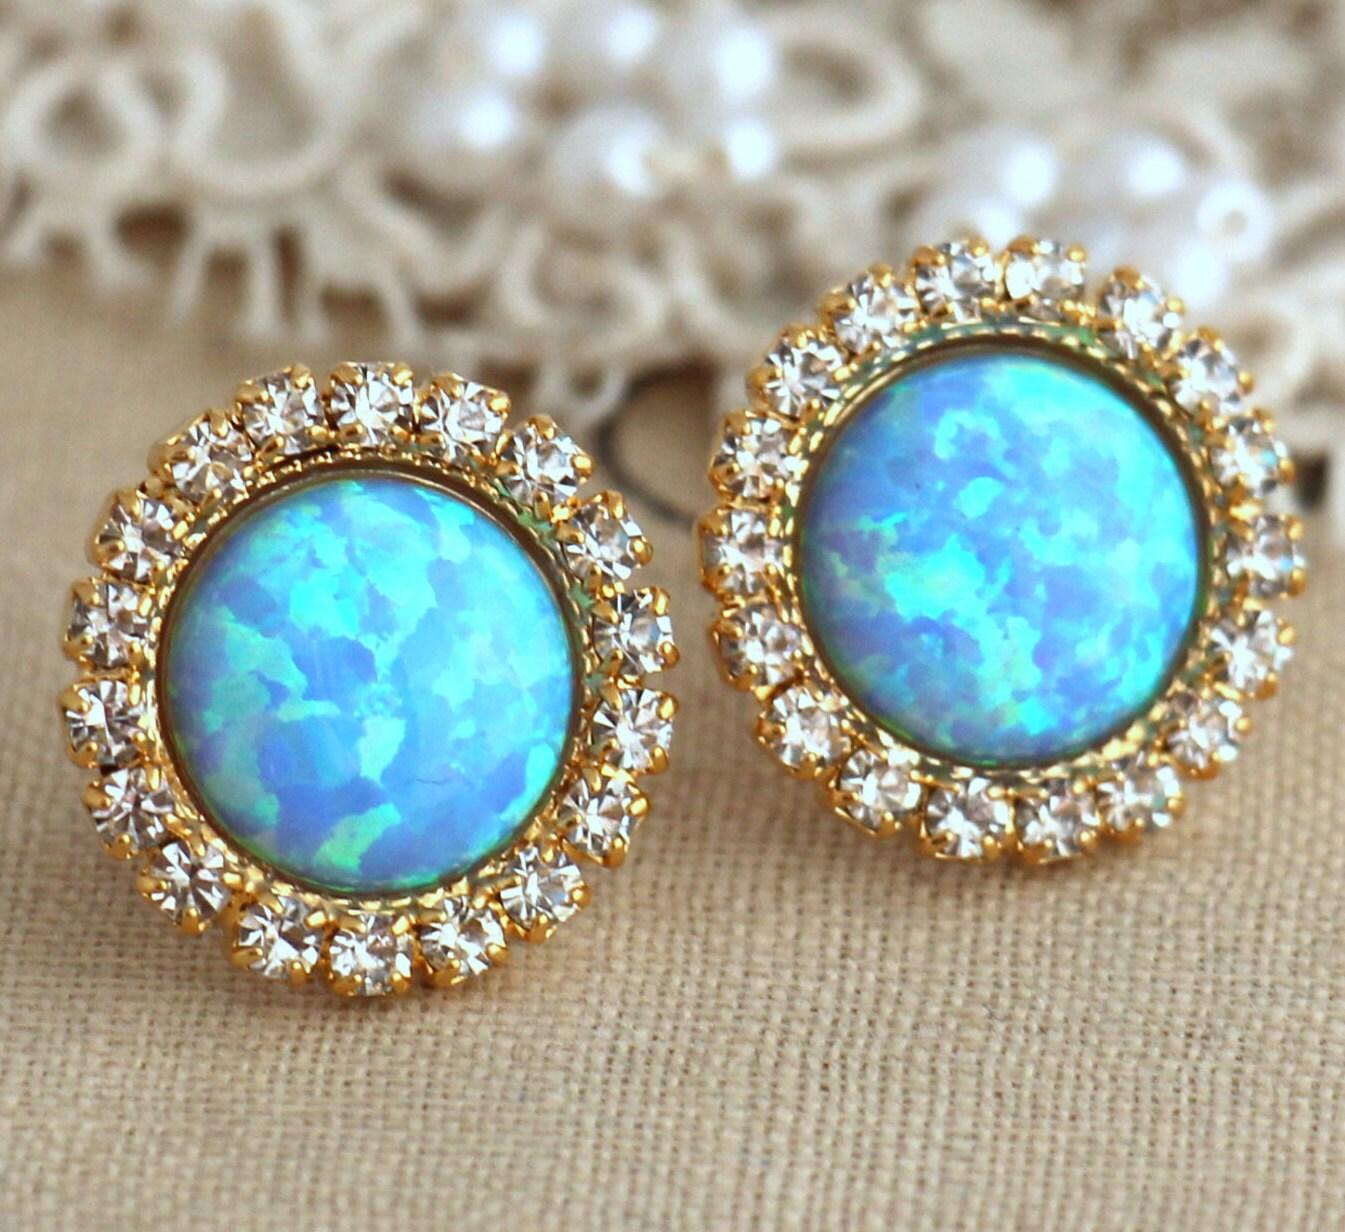 opal earrings opal stud earrings opal studs blue opal. Black Bedroom Furniture Sets. Home Design Ideas